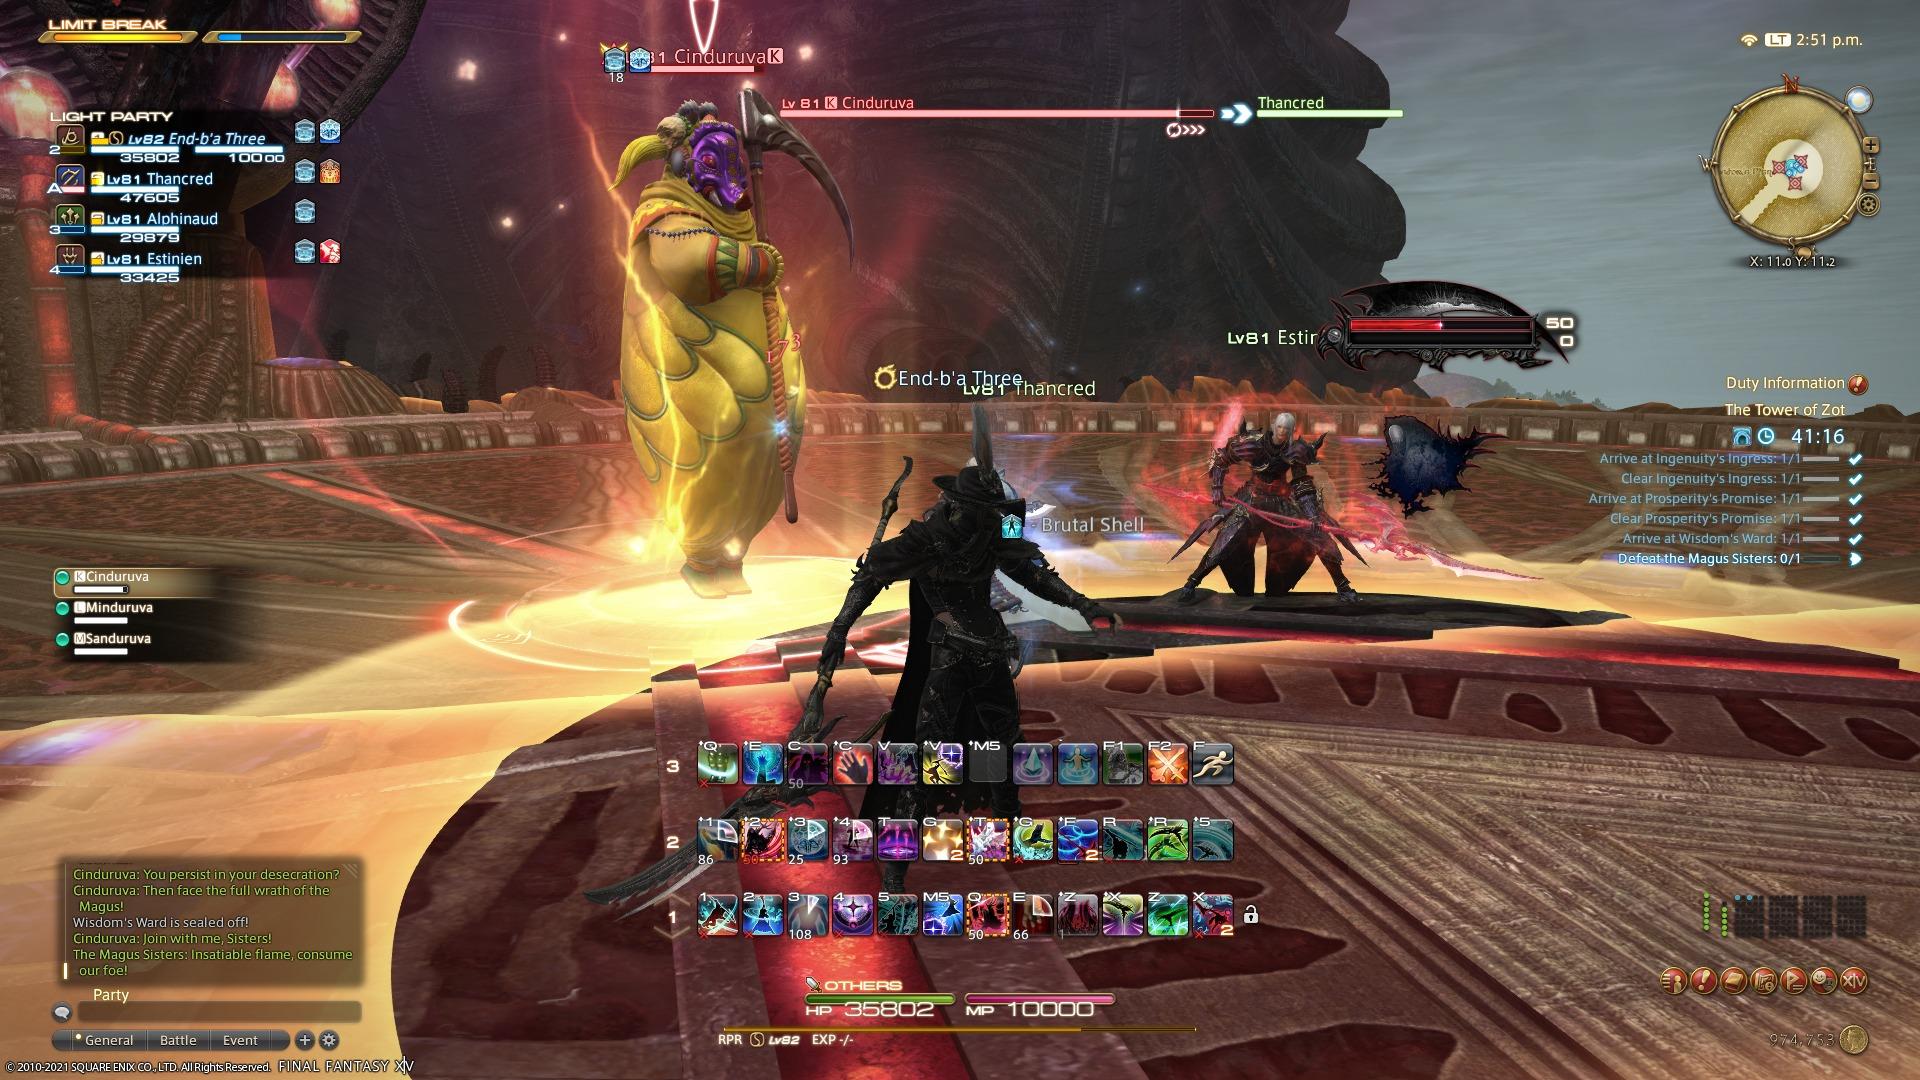 FFXIV Endwalker Reaper Tower of Zot Magus Sisters